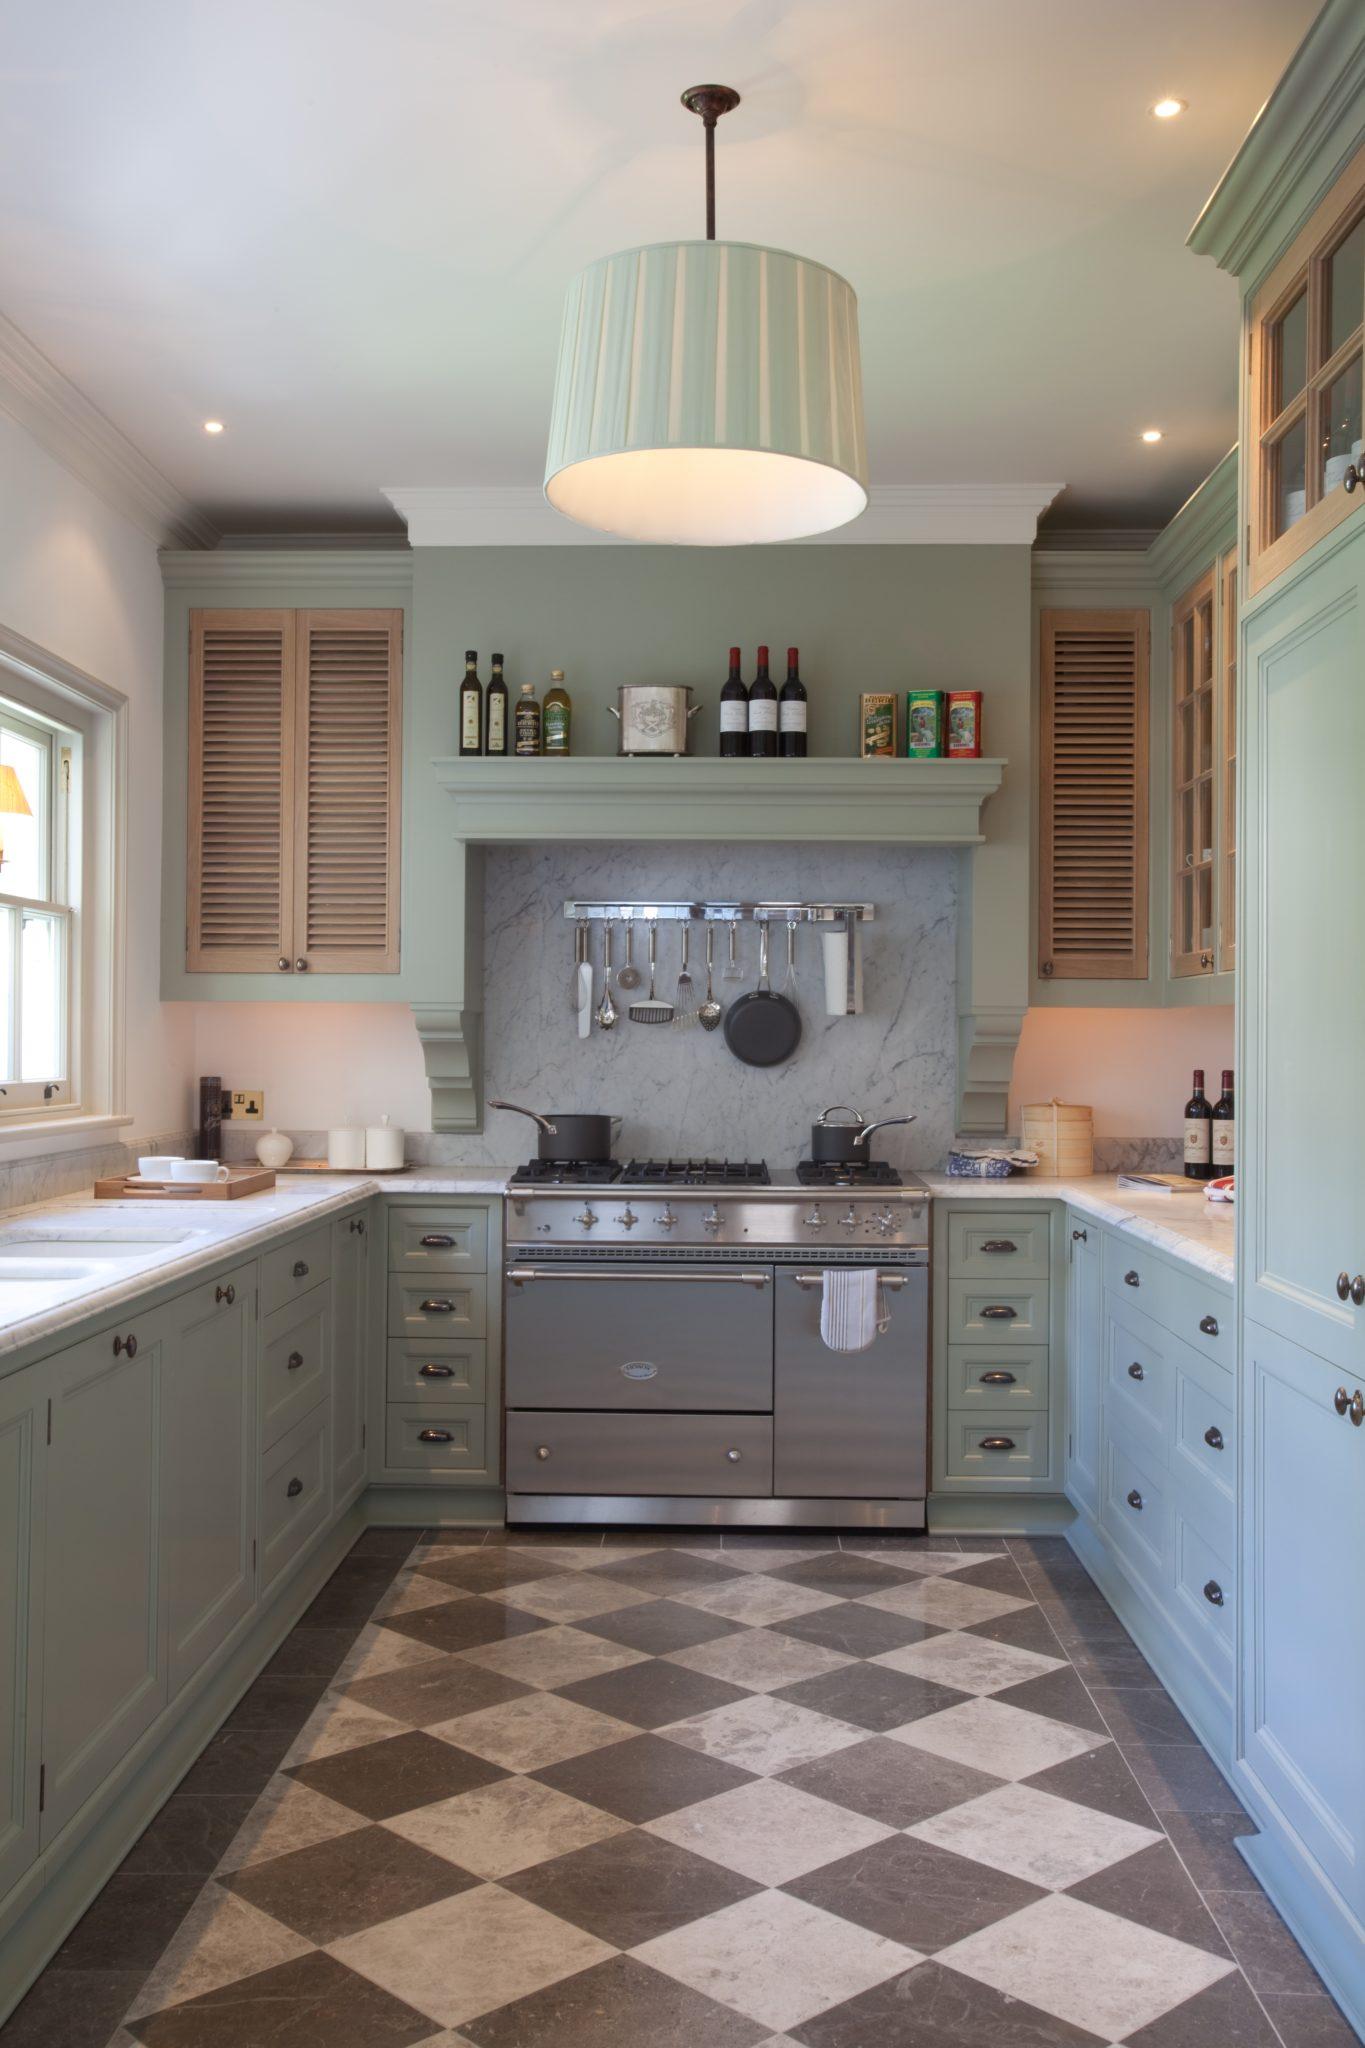 Kitchen in a London residence by Gabriel Bernardi